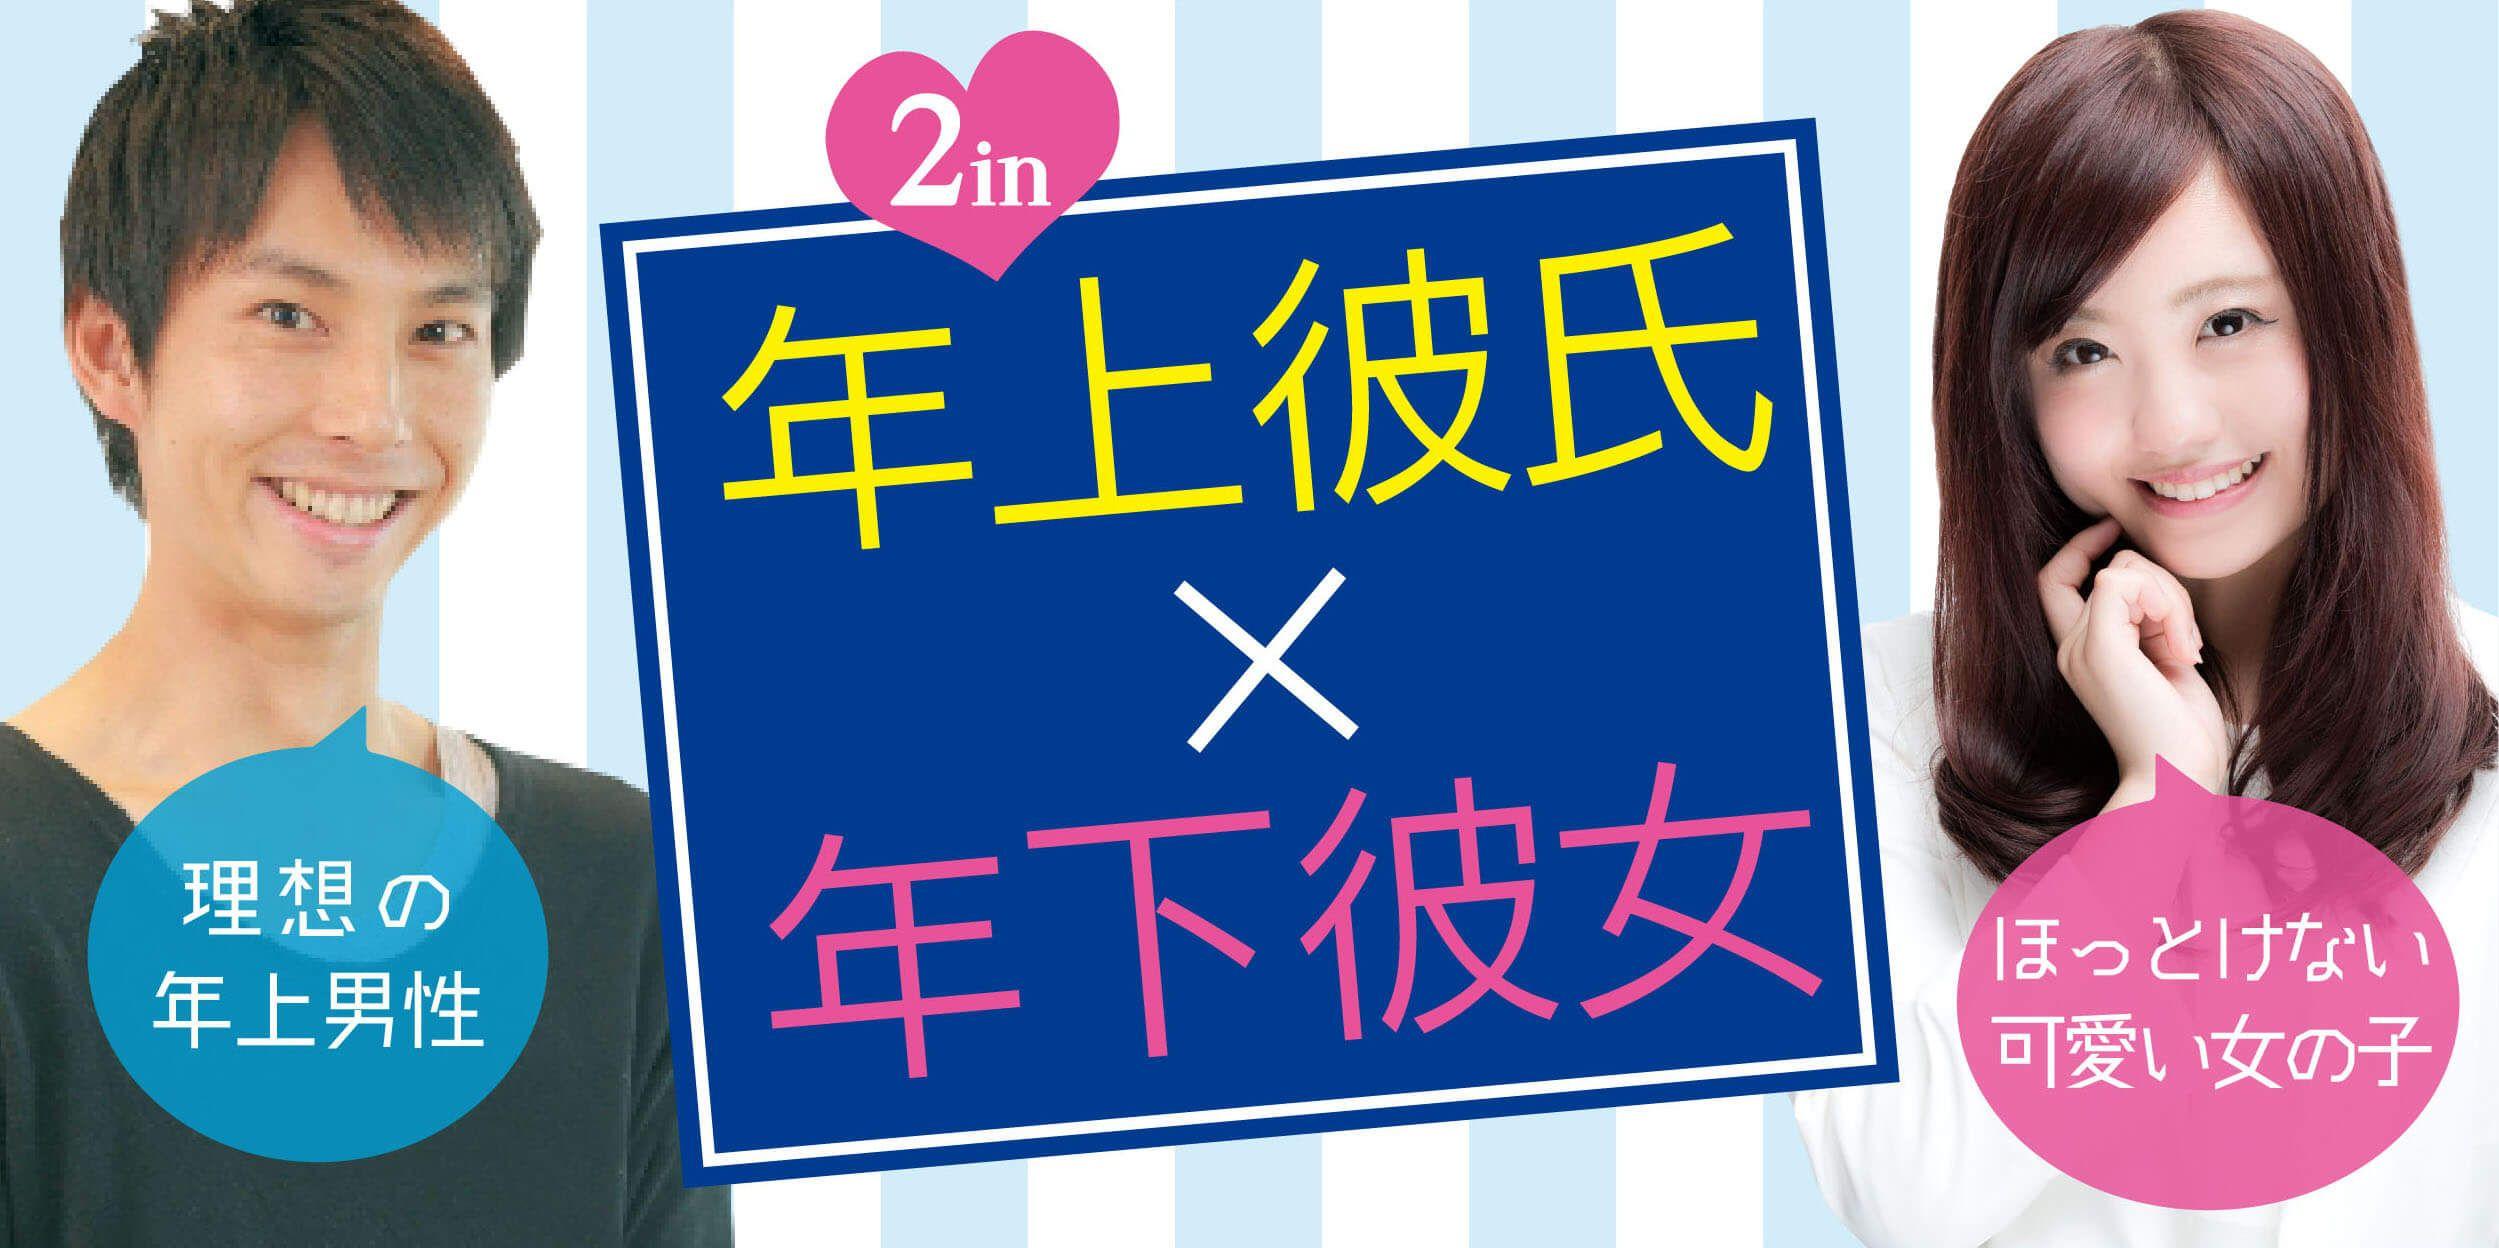 【岡山駅周辺のプチ街コン】合同会社ツイン主催 2016年12月18日